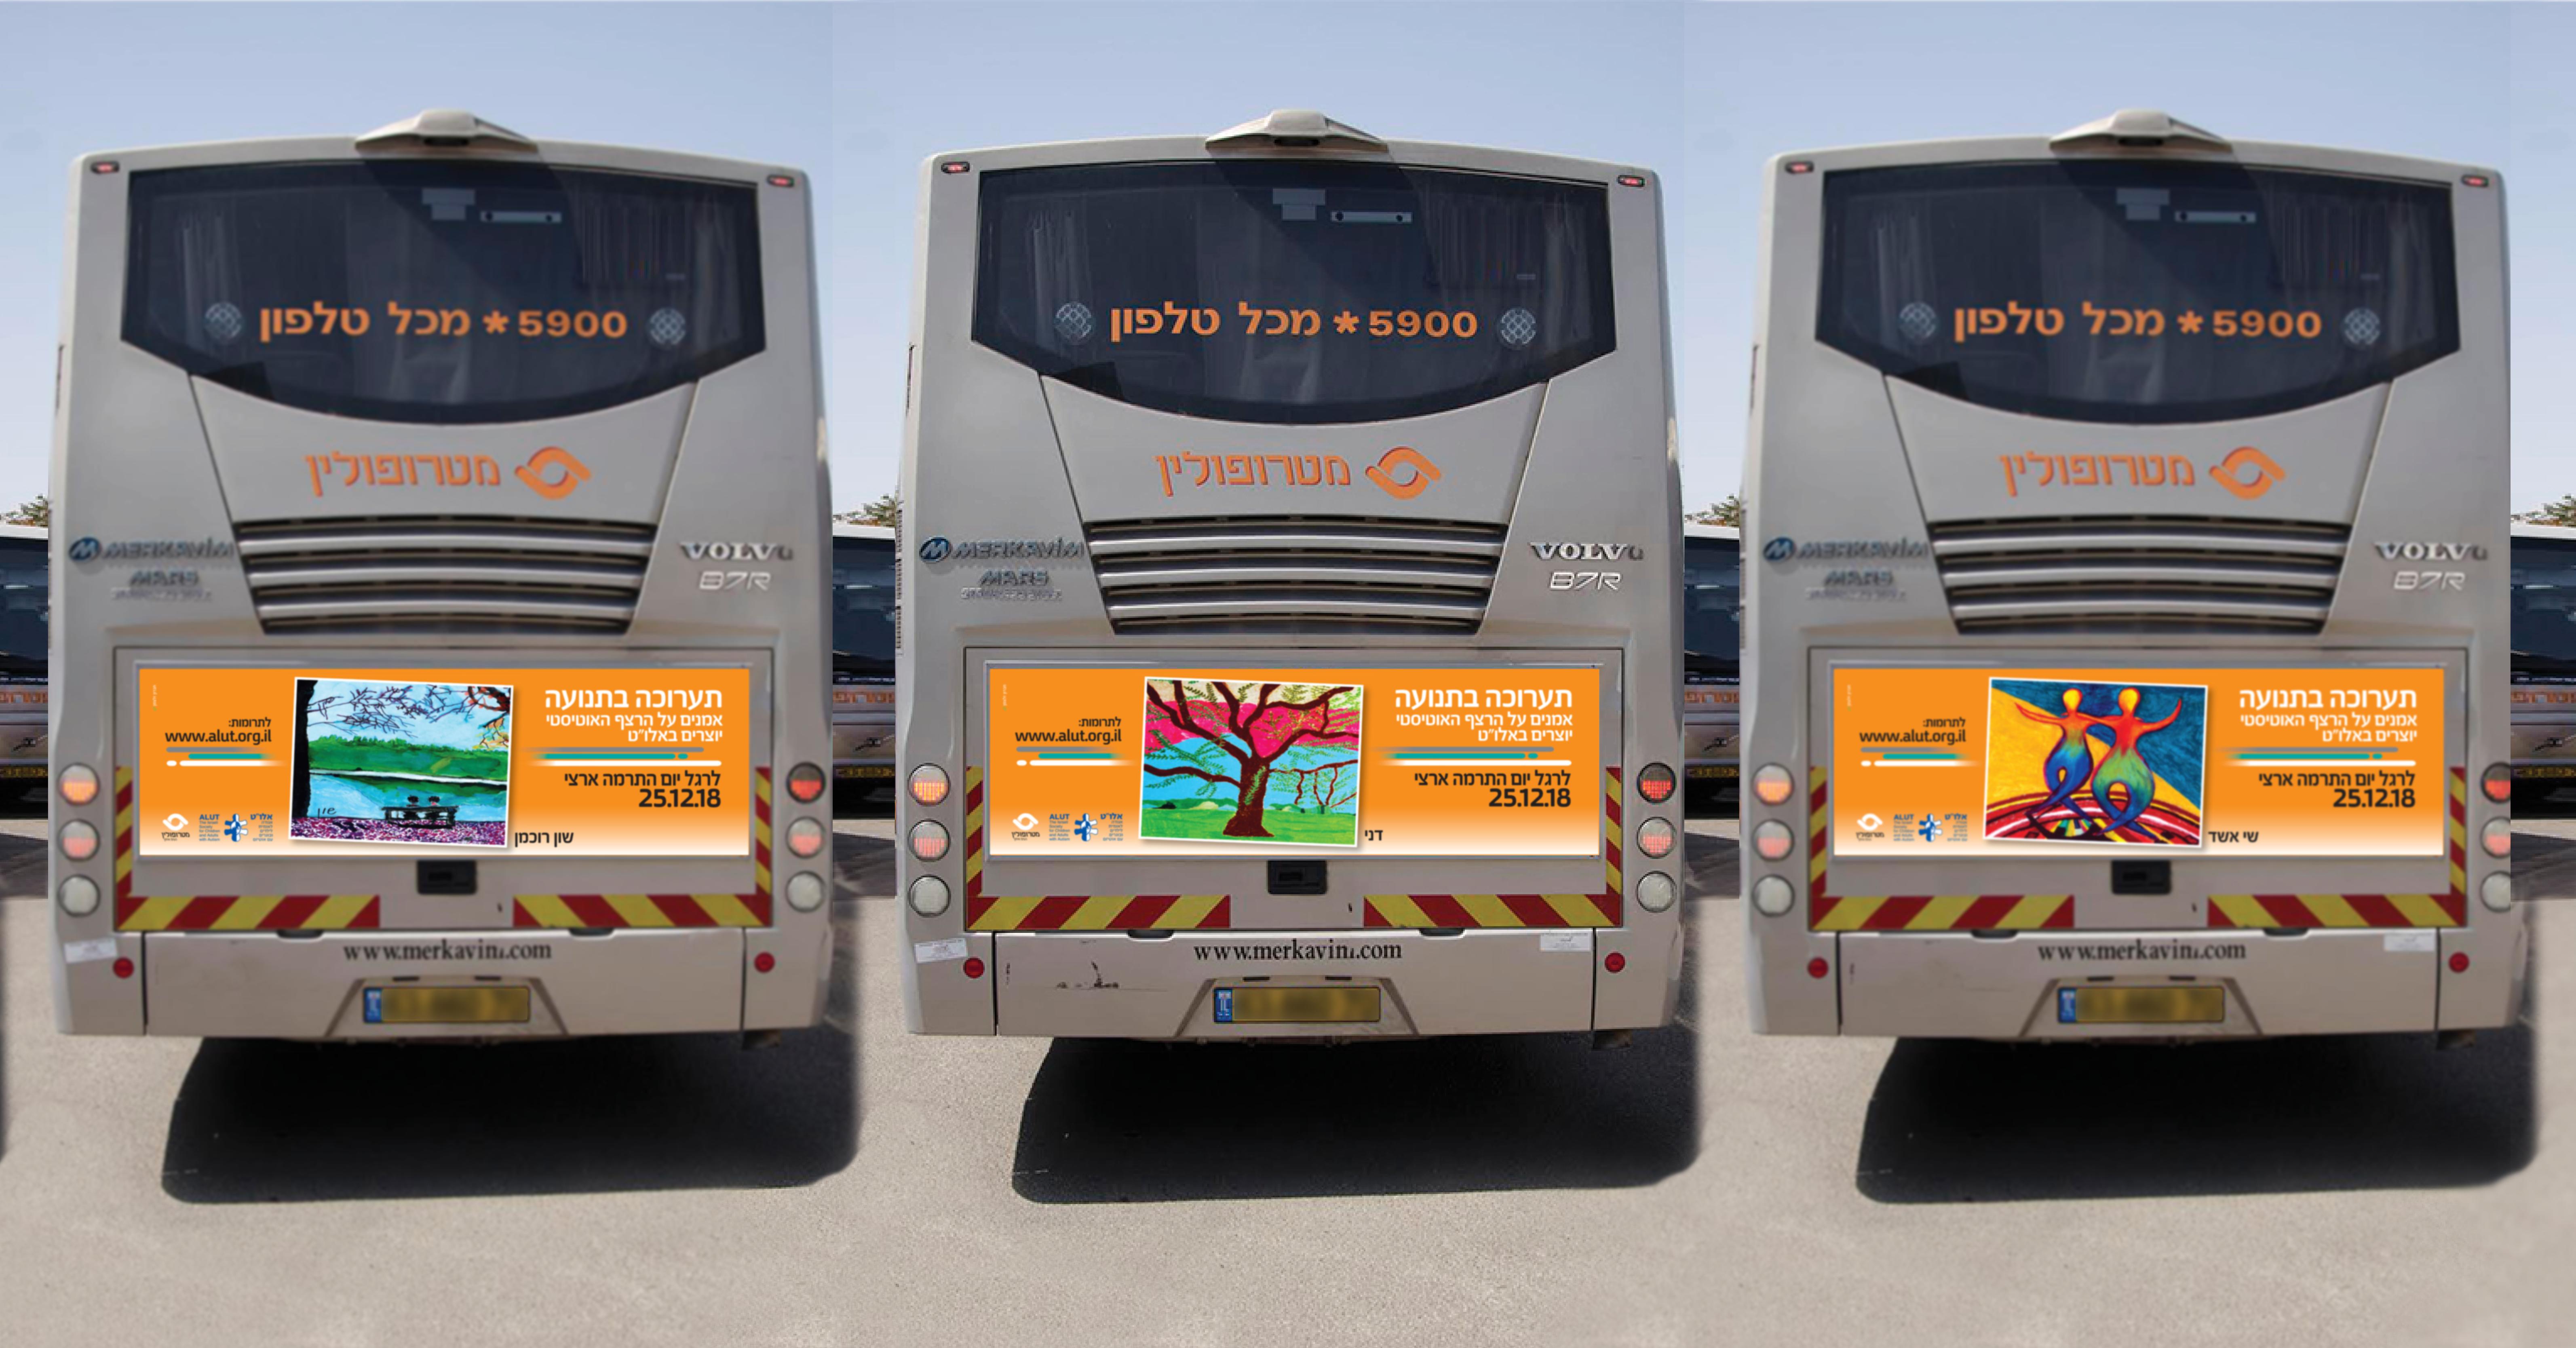 תערוכה בתנועה: ציורי אמנים עם אוטיזם על האוטובוסים של מטרופולין